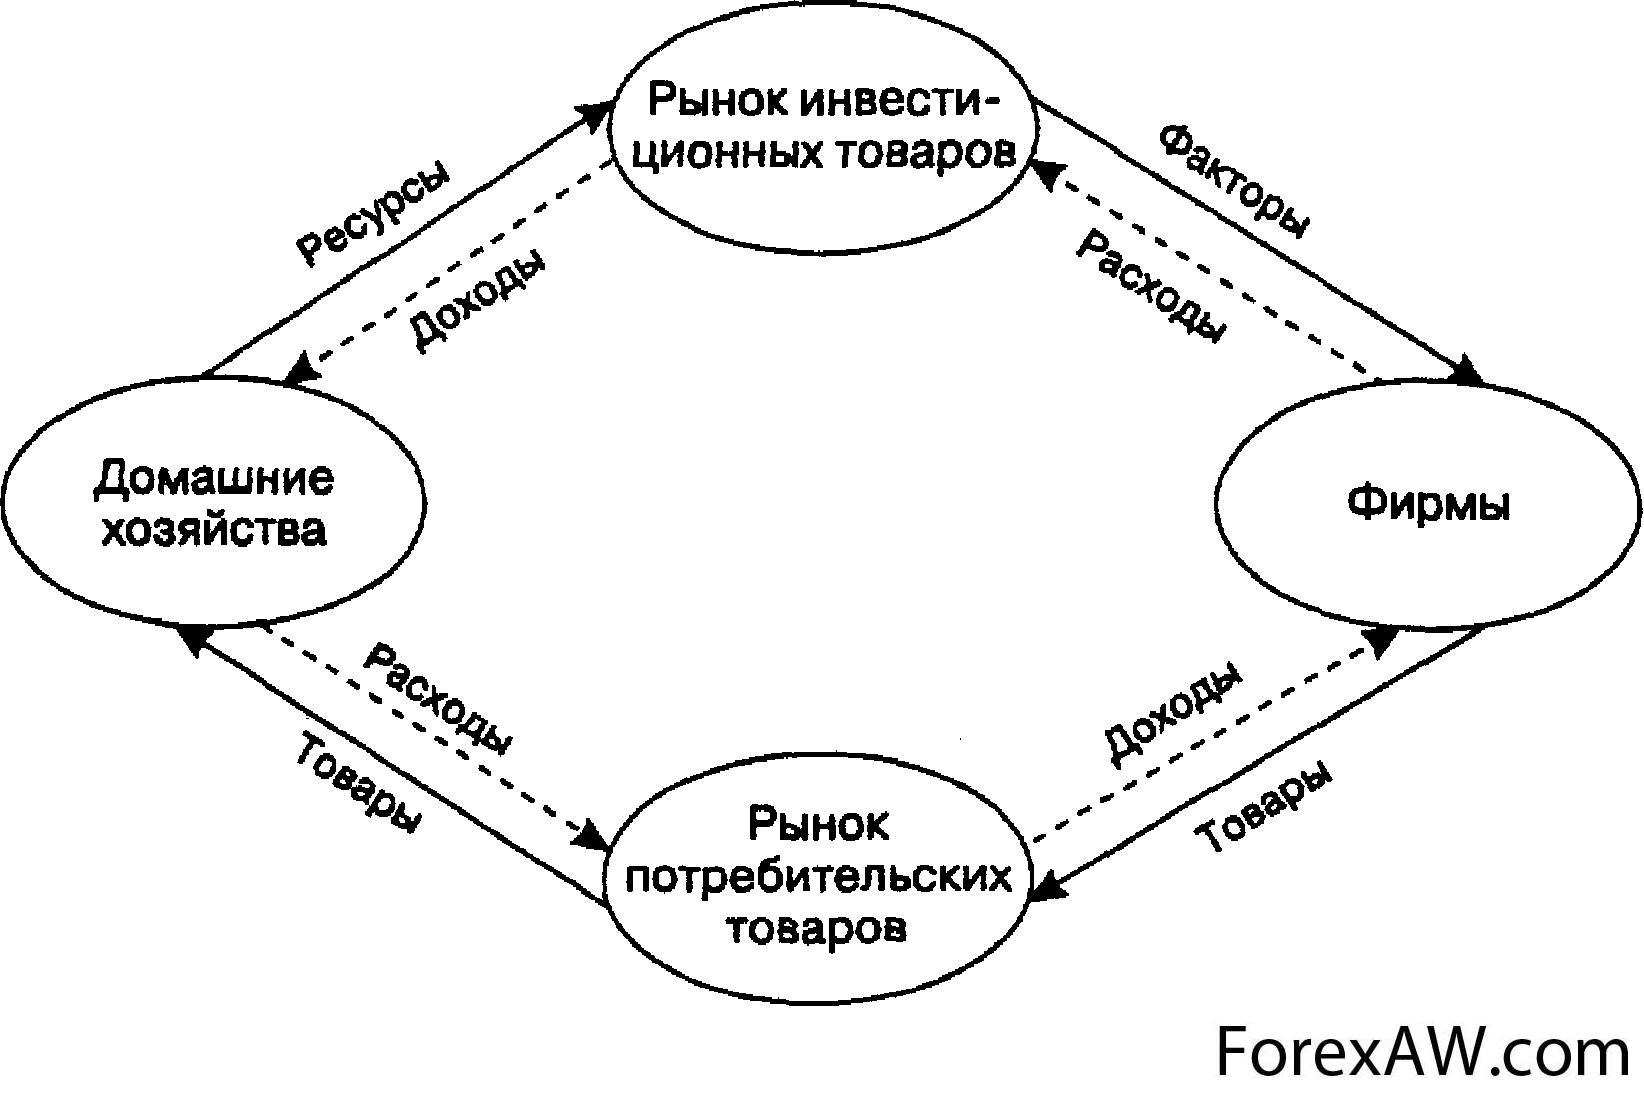 portfólióbefektetés a pénzügyi piacokon 20 év pénzkeresés